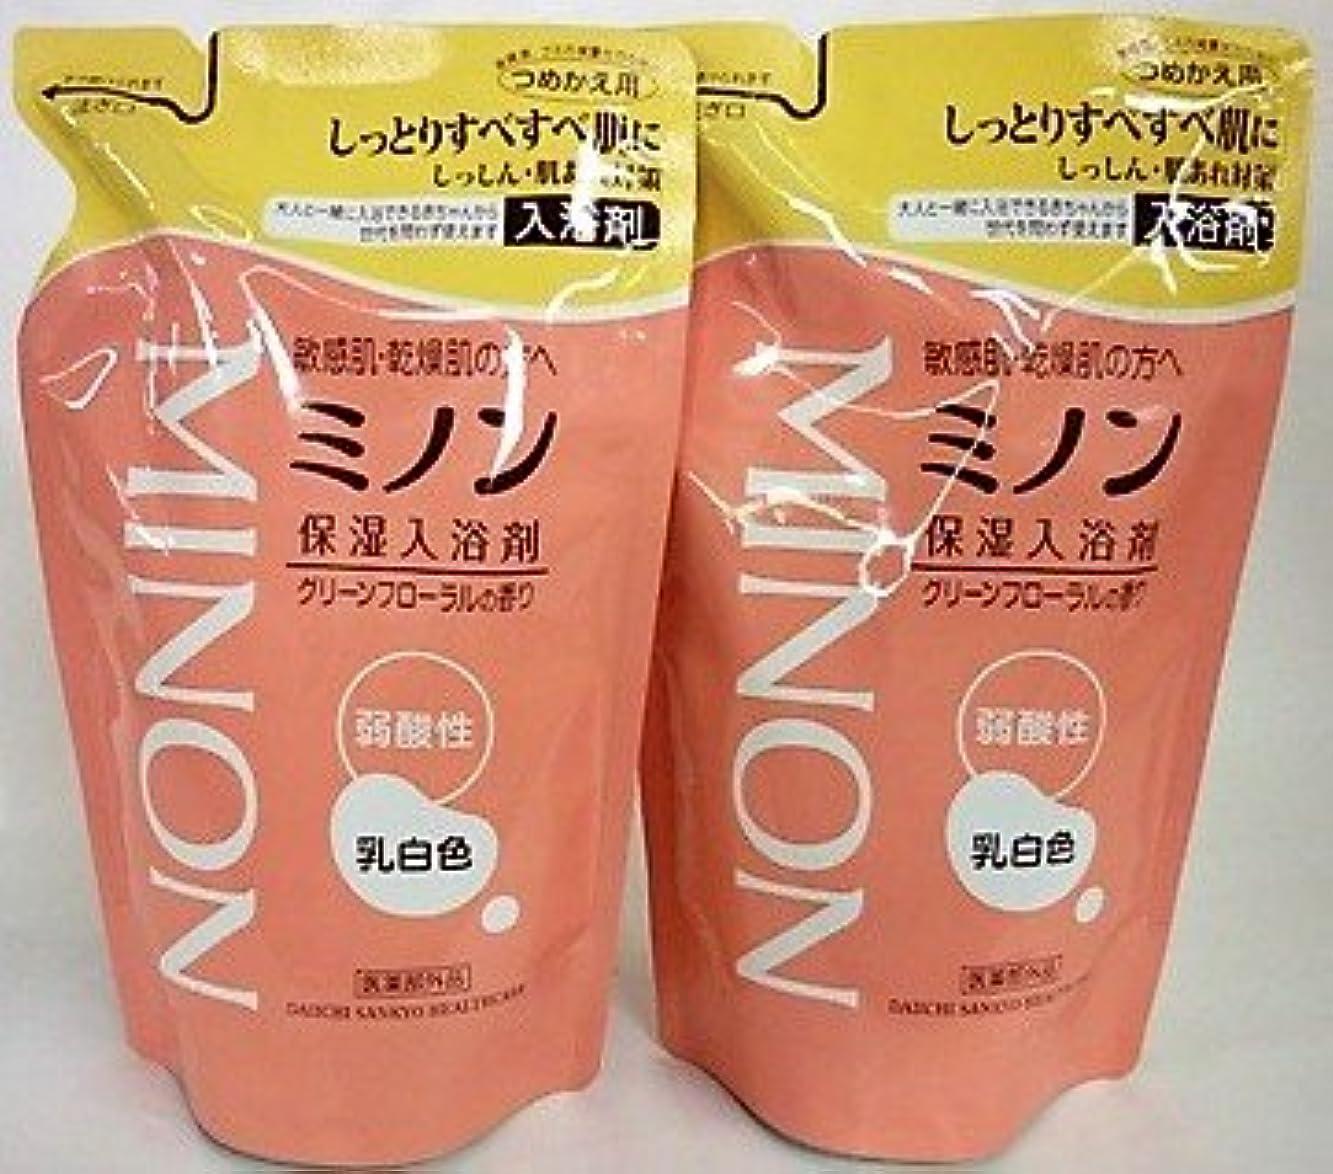 一文突然[2個セット]ミノン 薬用保湿入浴剤 詰替 400mL入り×2個